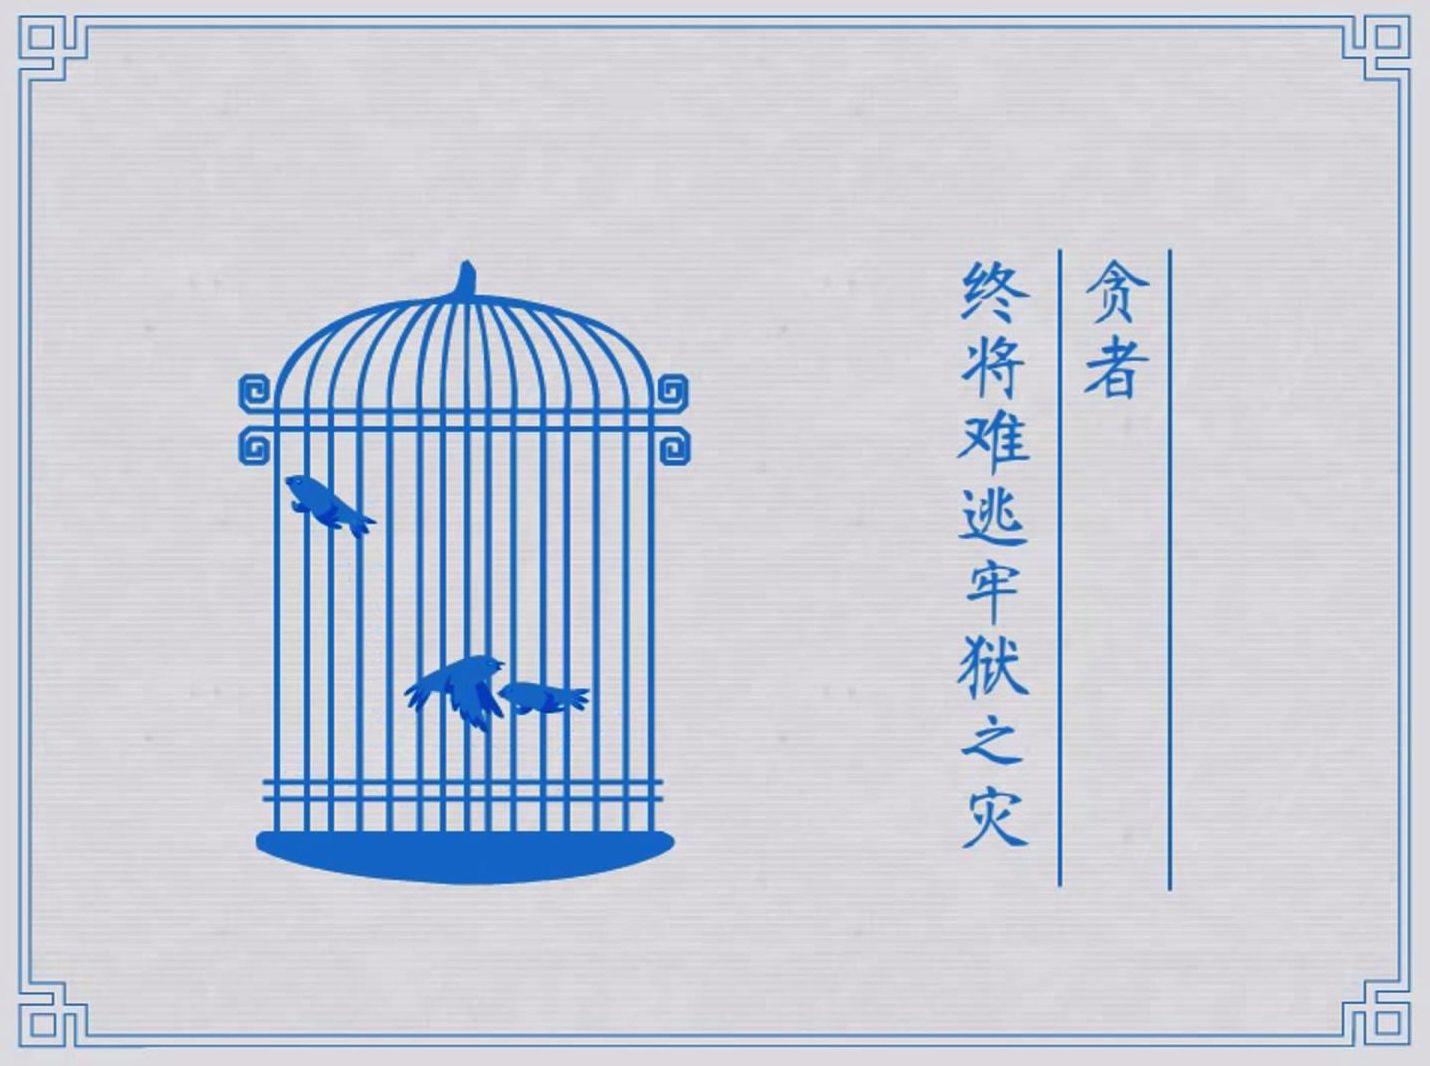 【公益广告】警钟长鸣 杜绝贪腐